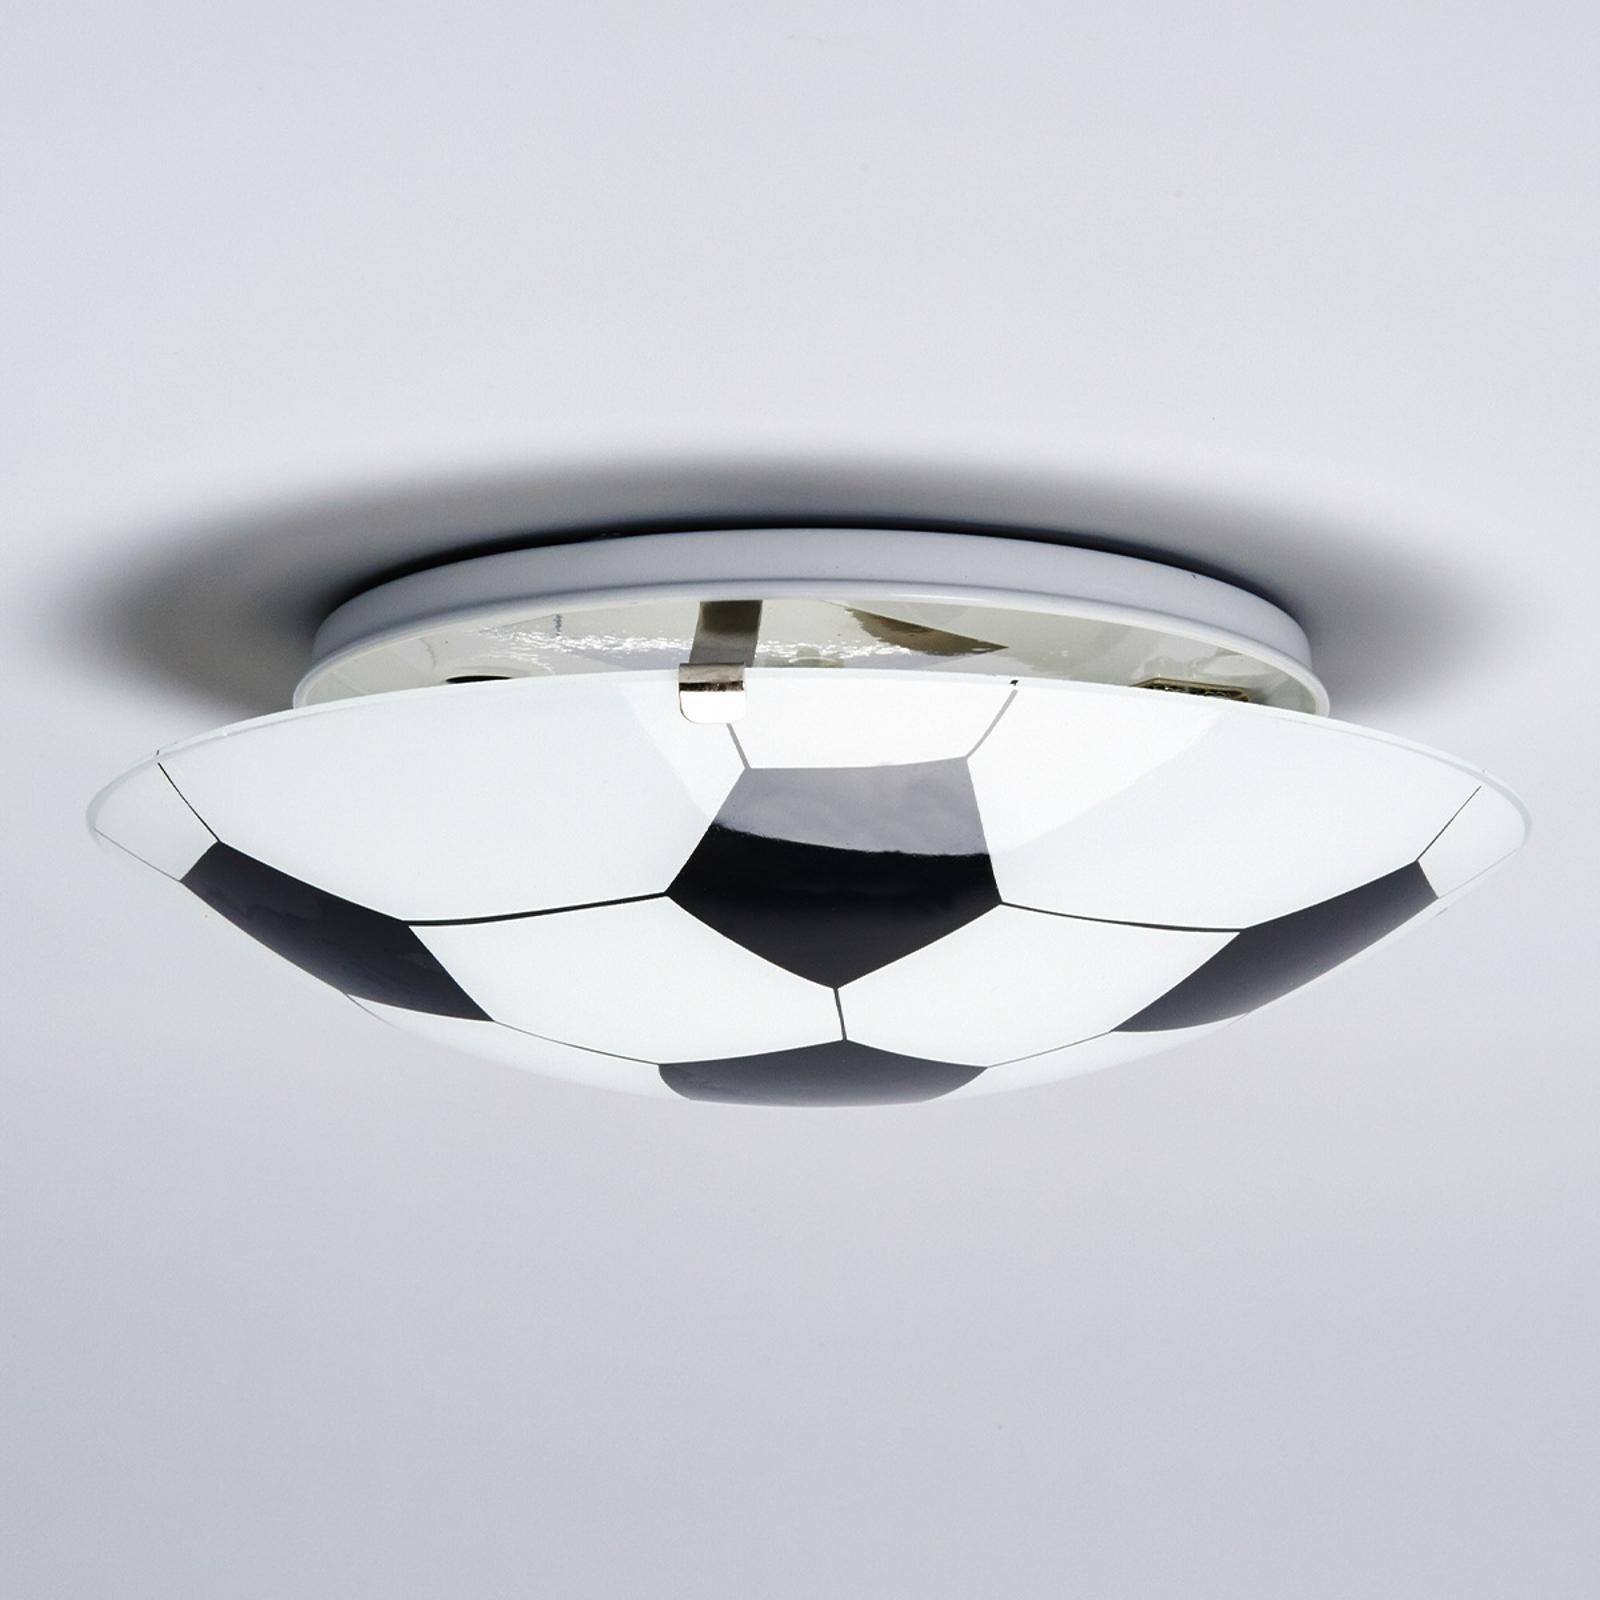 Svartvit taklampa fotboll